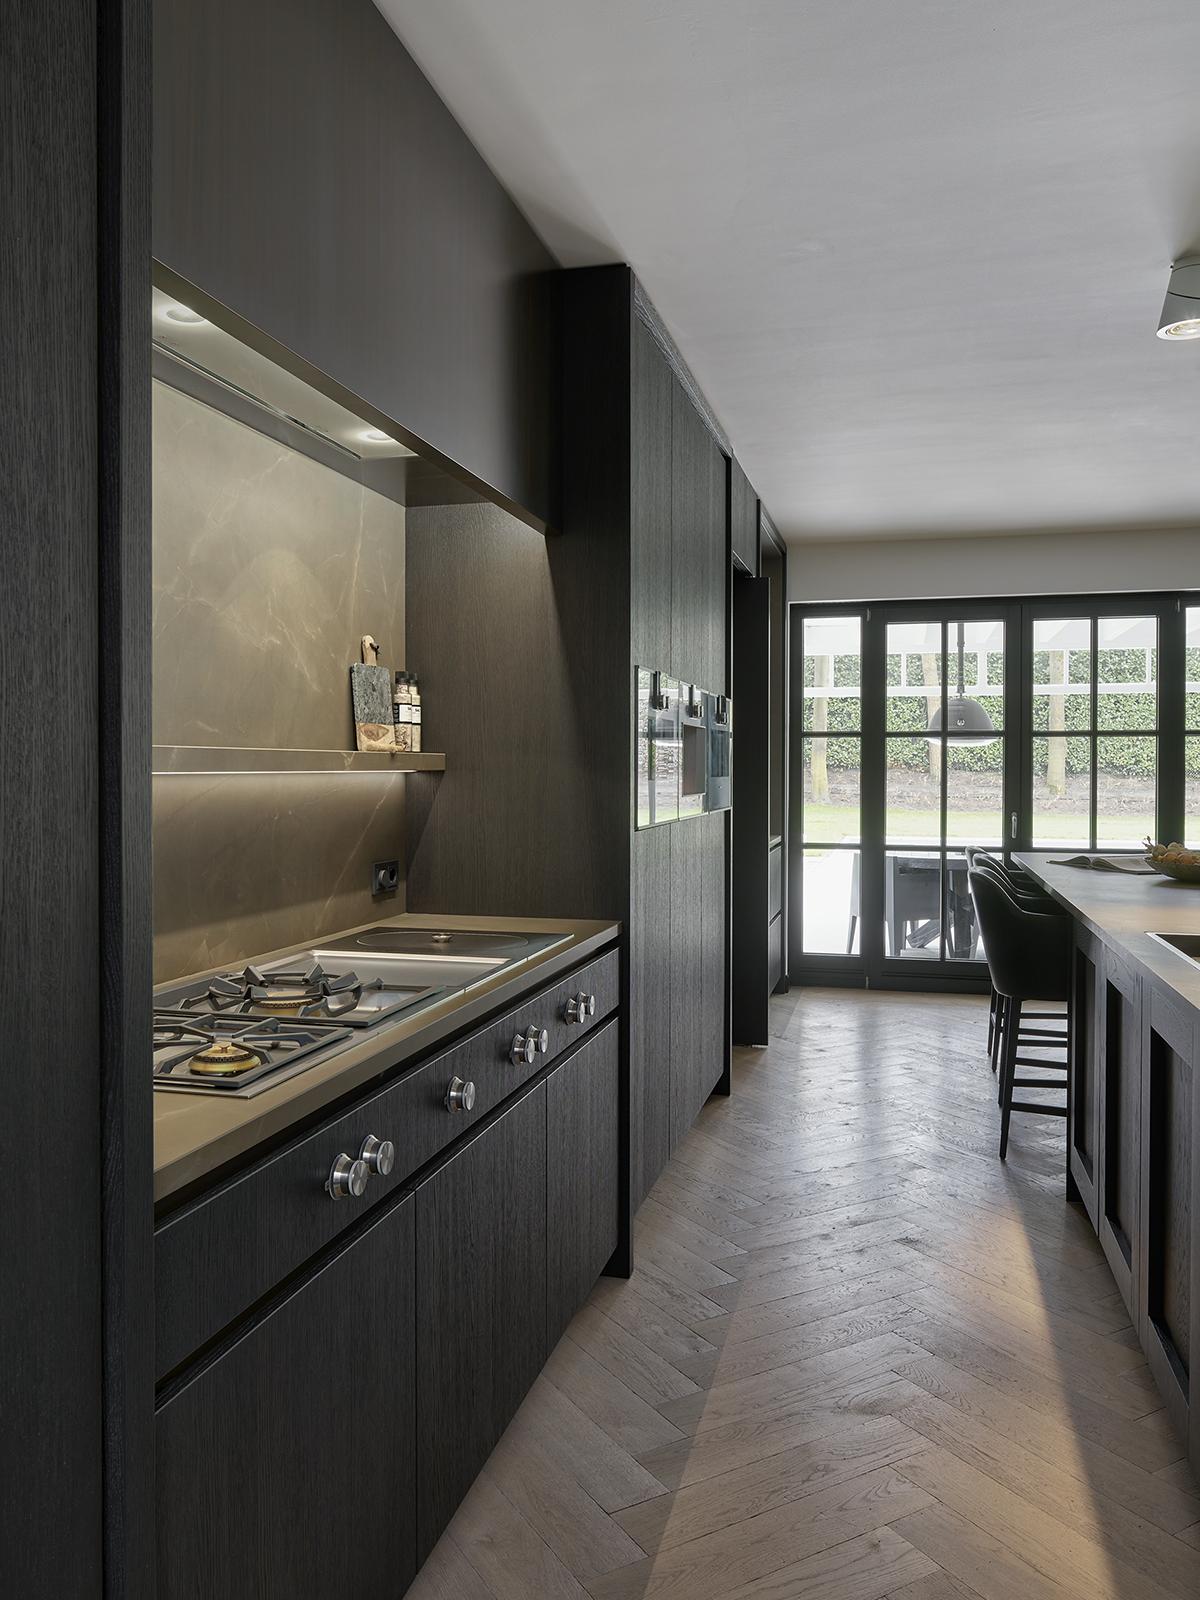 Chique donkere keuken, gaggenau, the art of living, modern